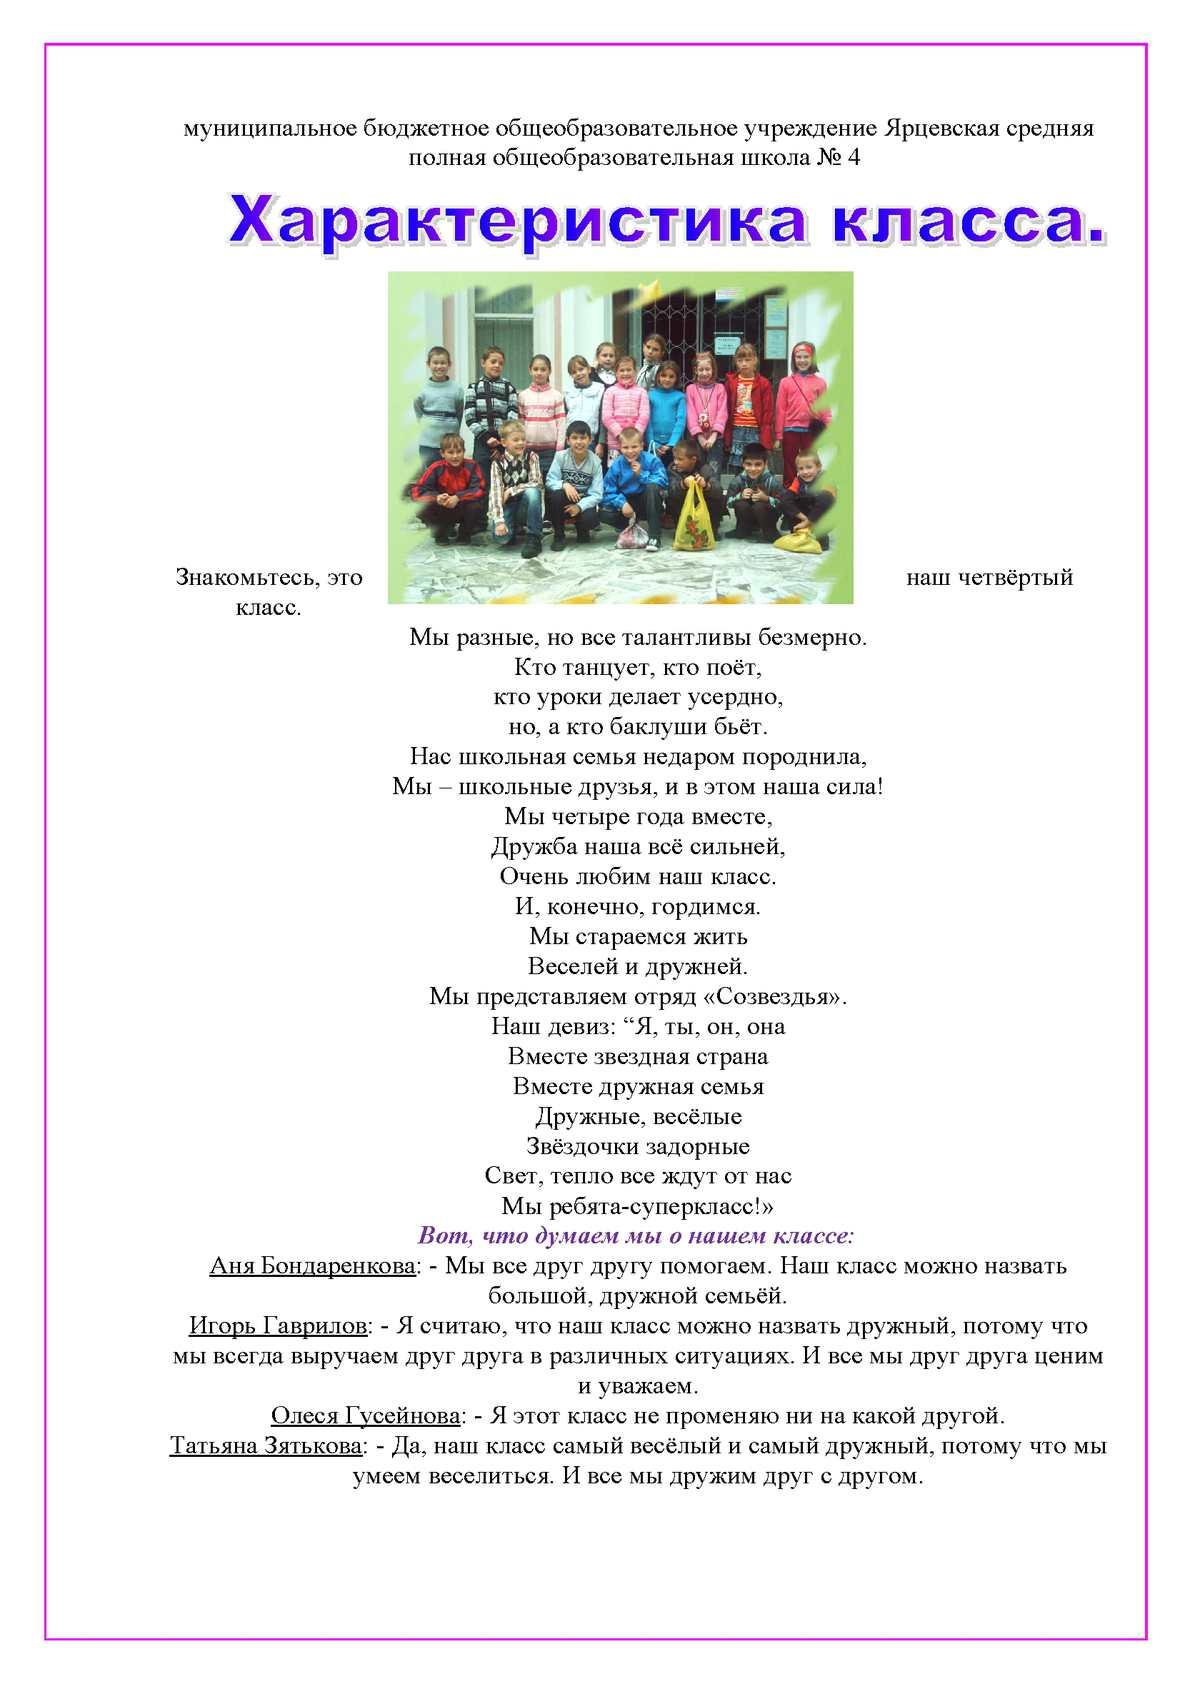 стихи о классе знакомьтесь это наш класс